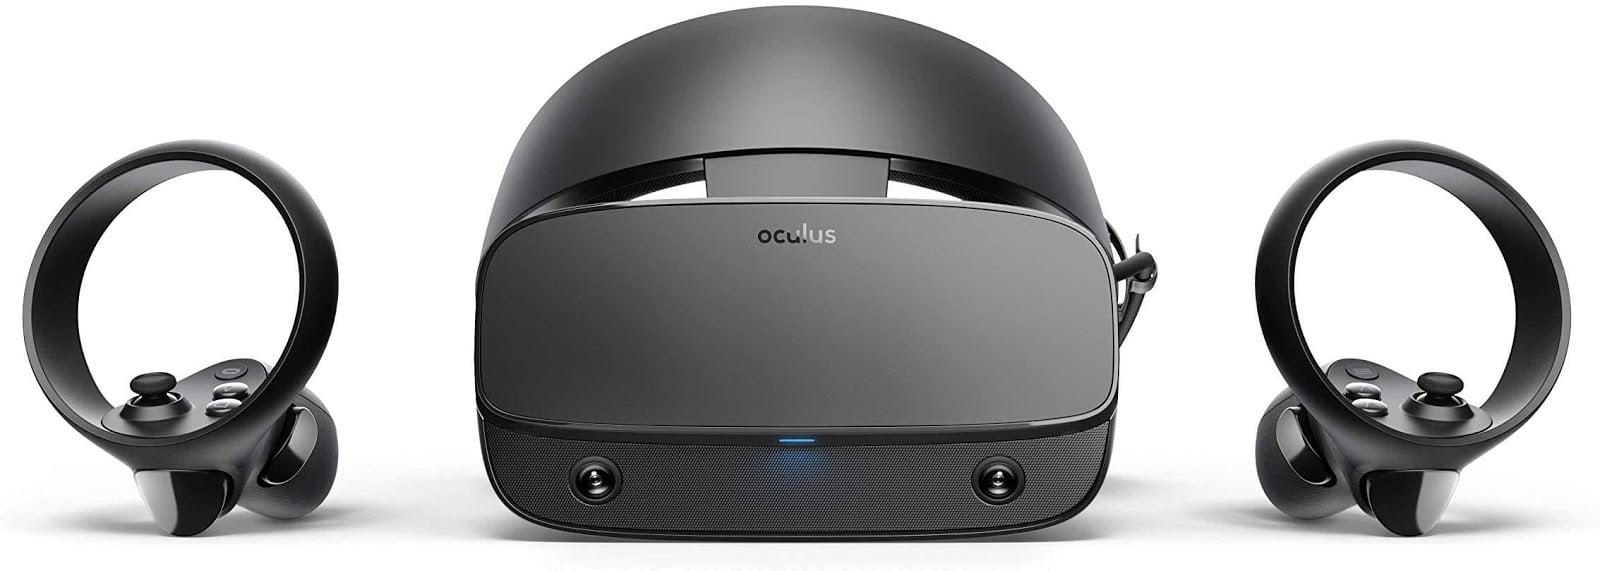 71URNvzoWqL. AC  hFpEQNfs DzTechs - مقارنة بين Oculus Go و Quest وبين Rift: أي نظارات VR تحتاج إلى إستخدامها؟